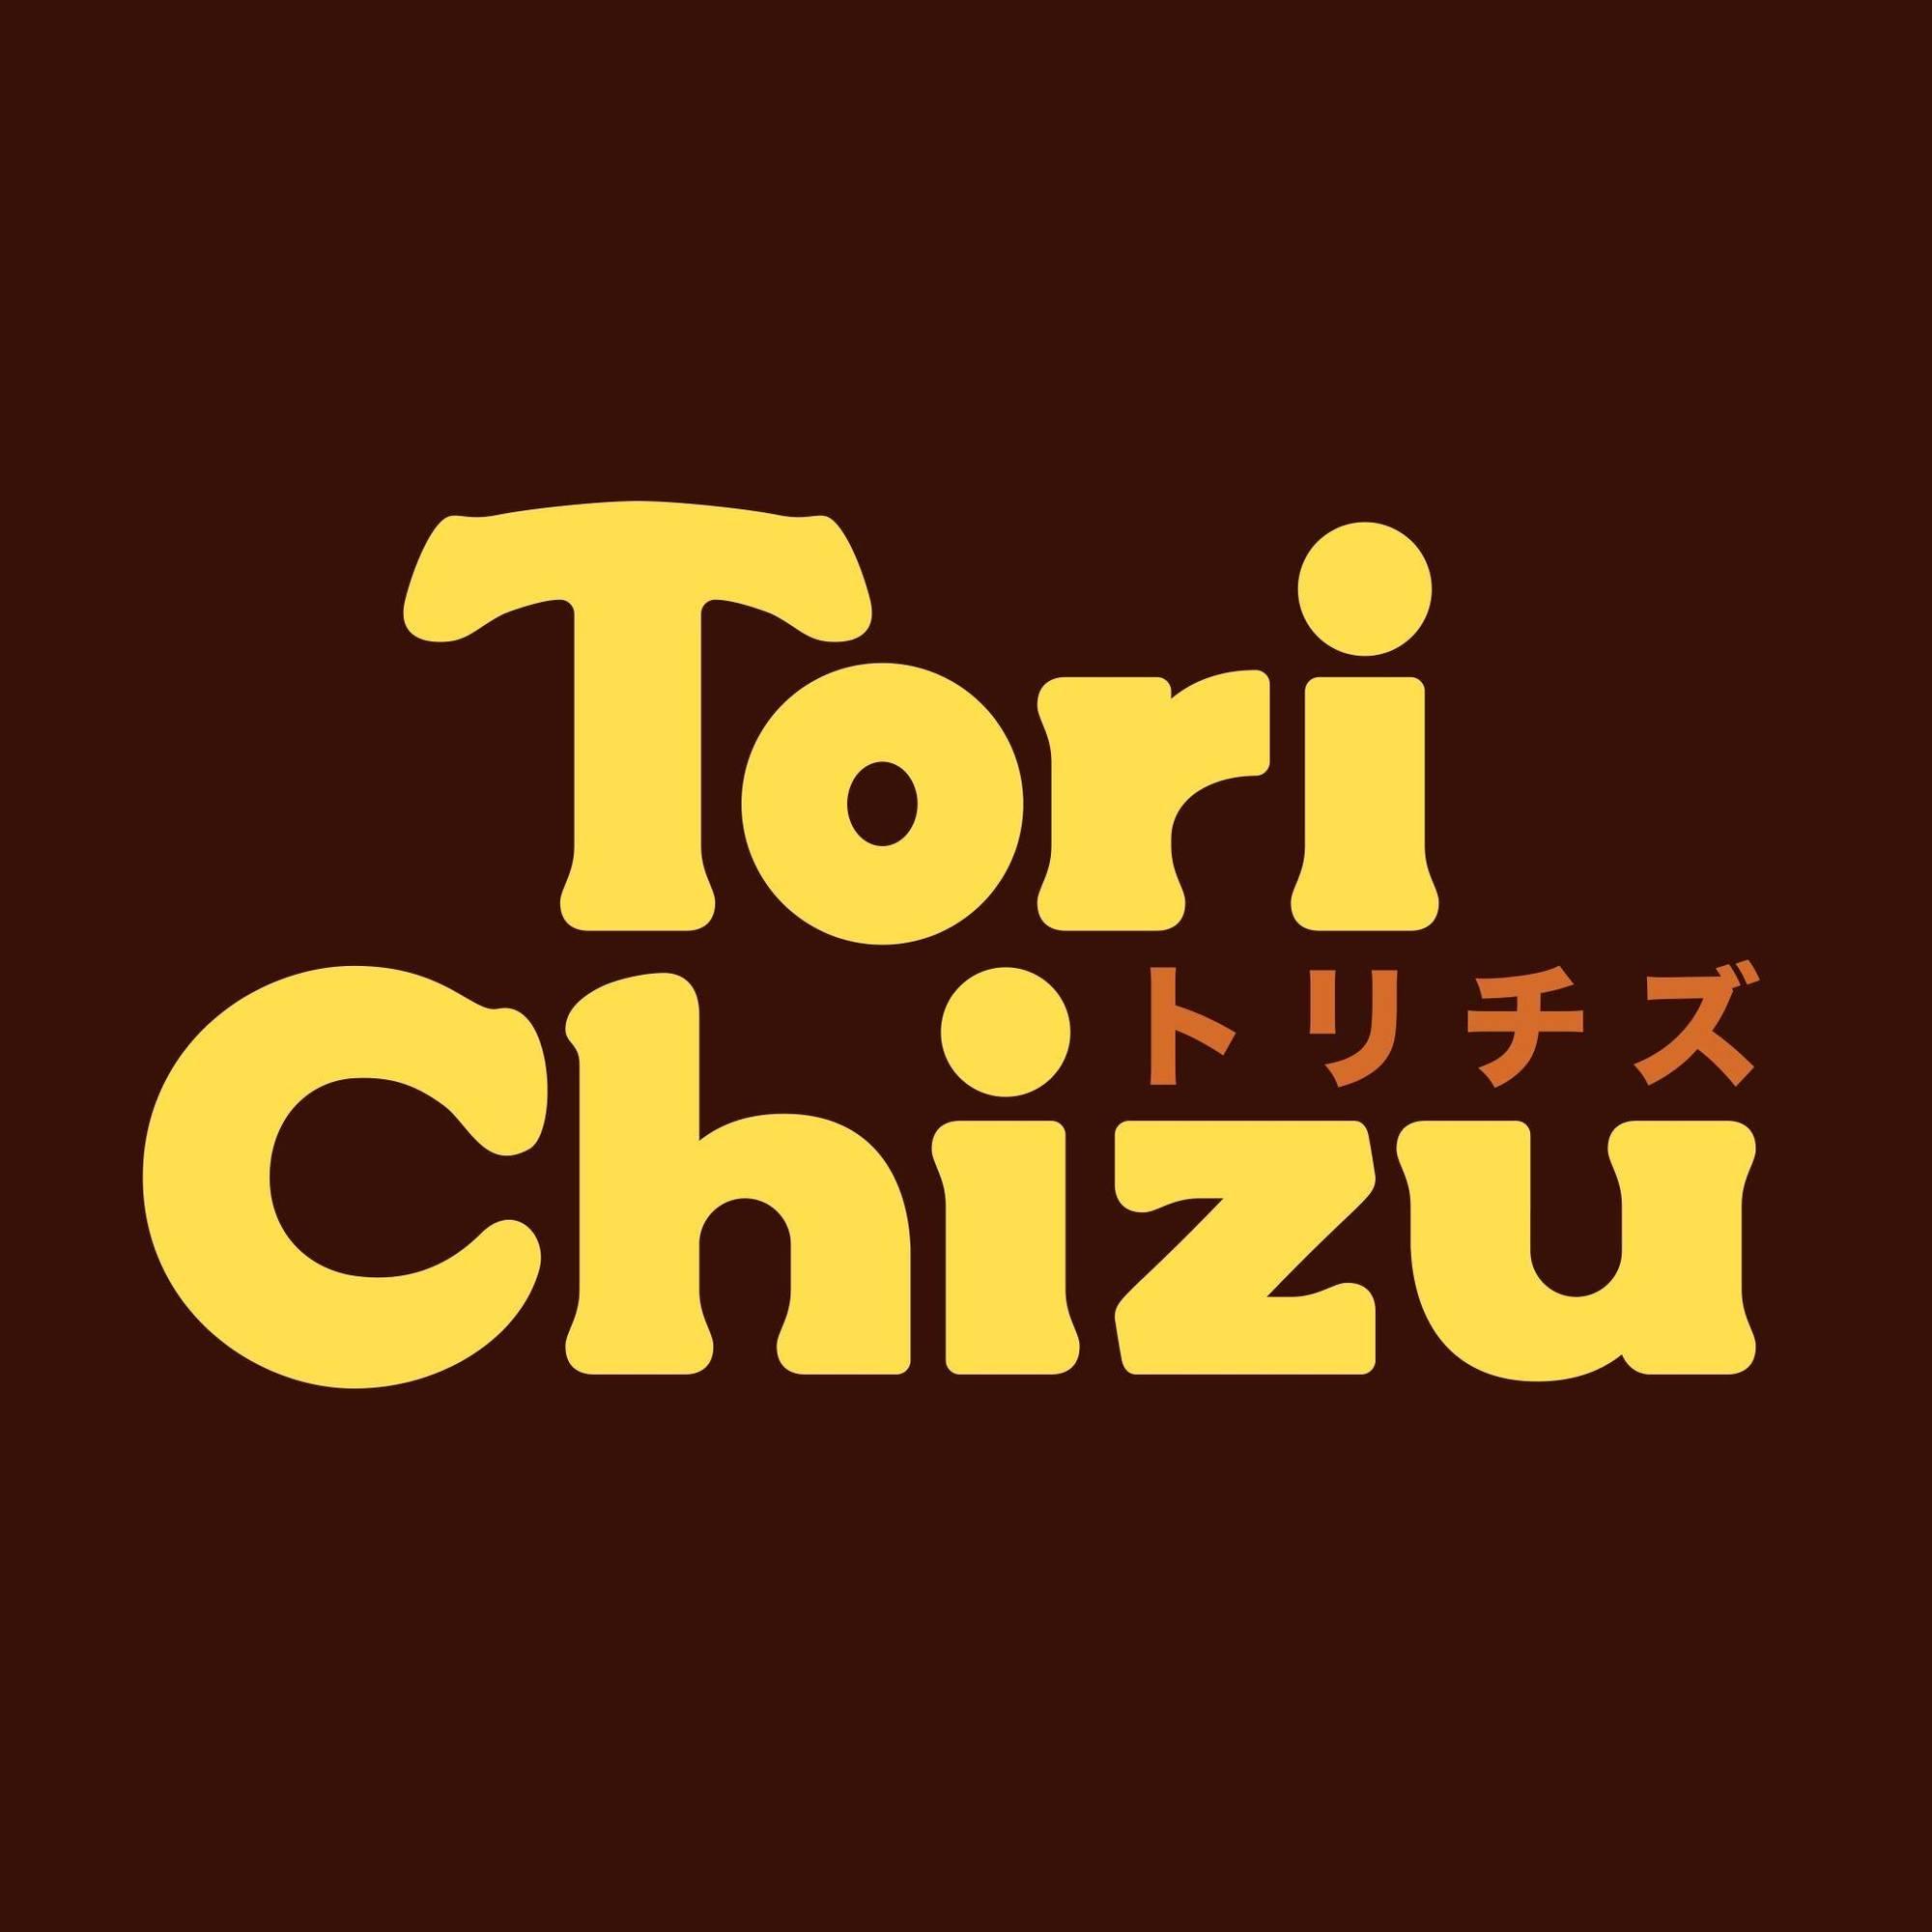 Tori Chizu